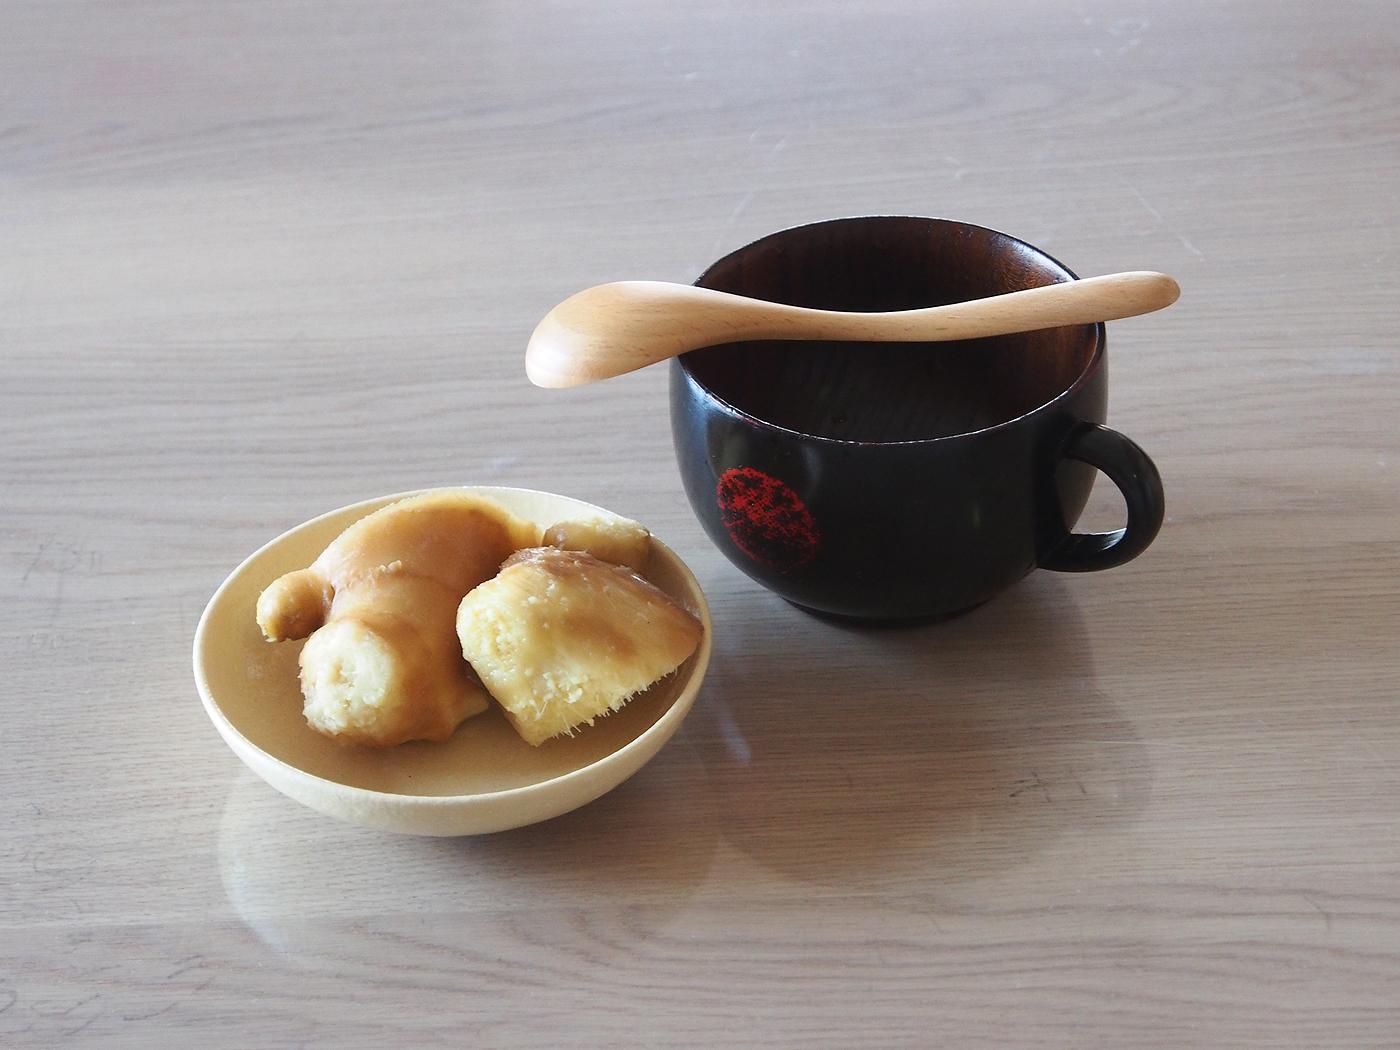 しょうが、梅しょう番茶を作った